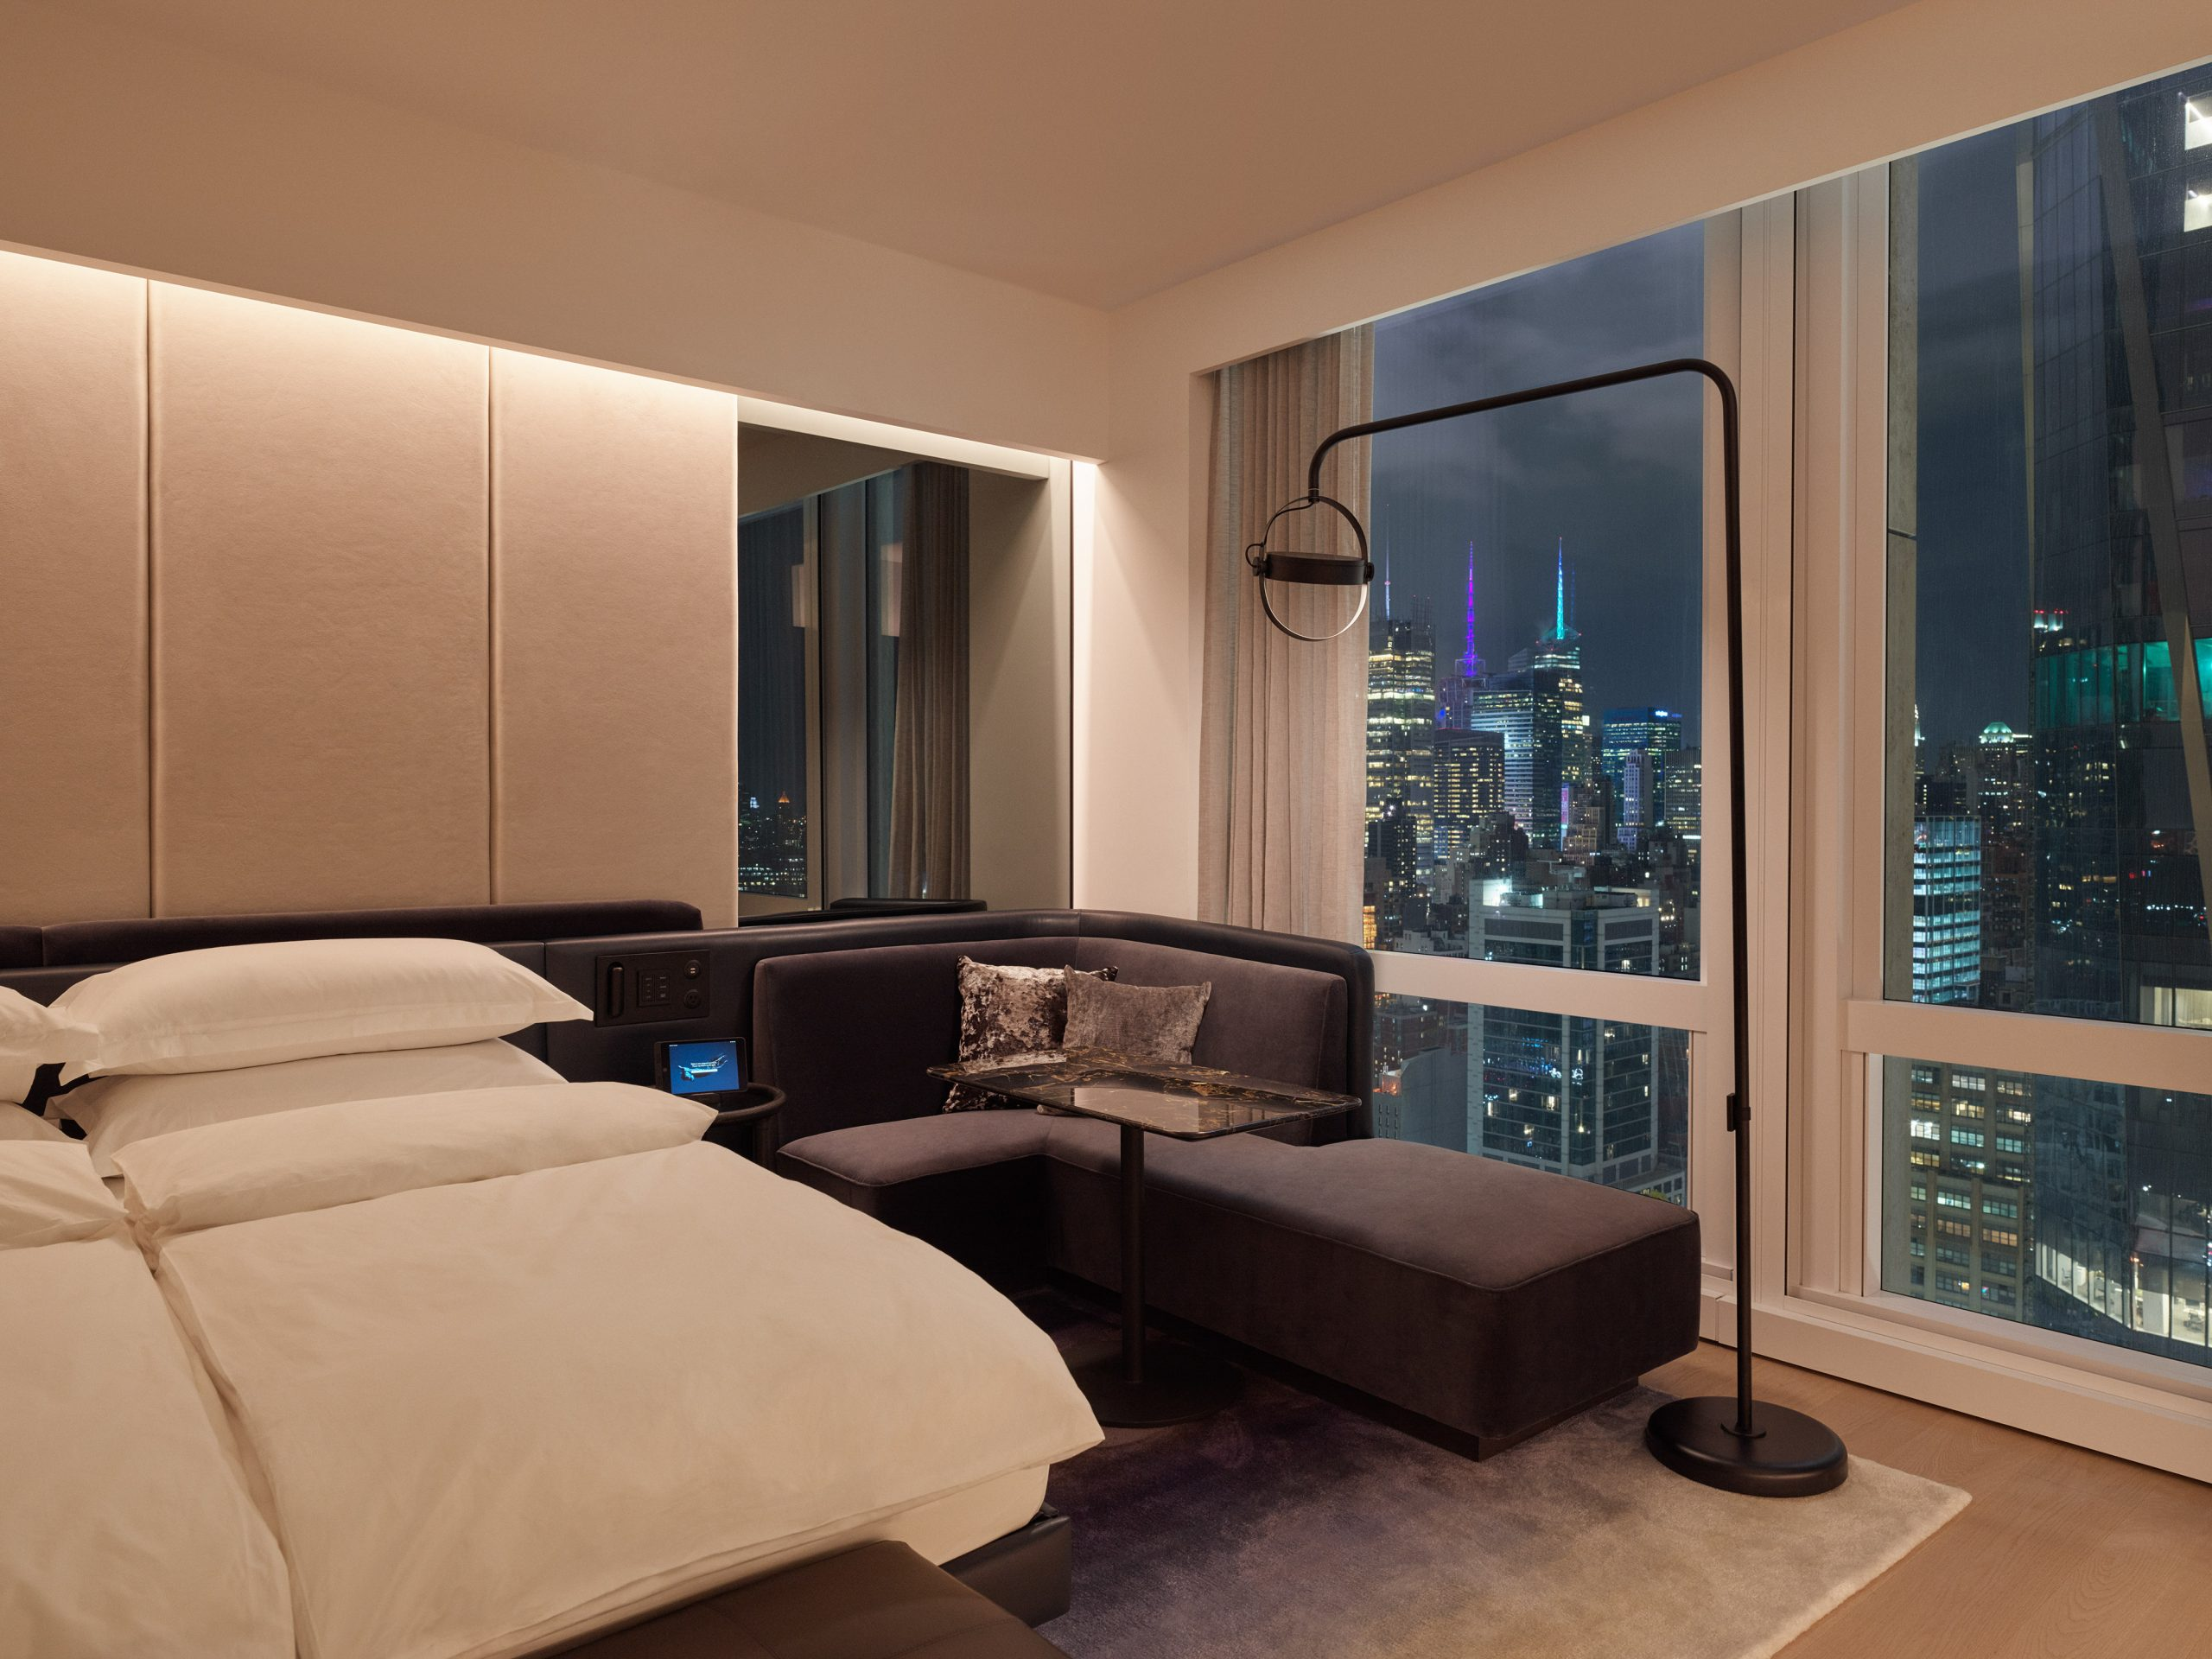 deluxekingcity-room-cityview-mfrzd-scaled